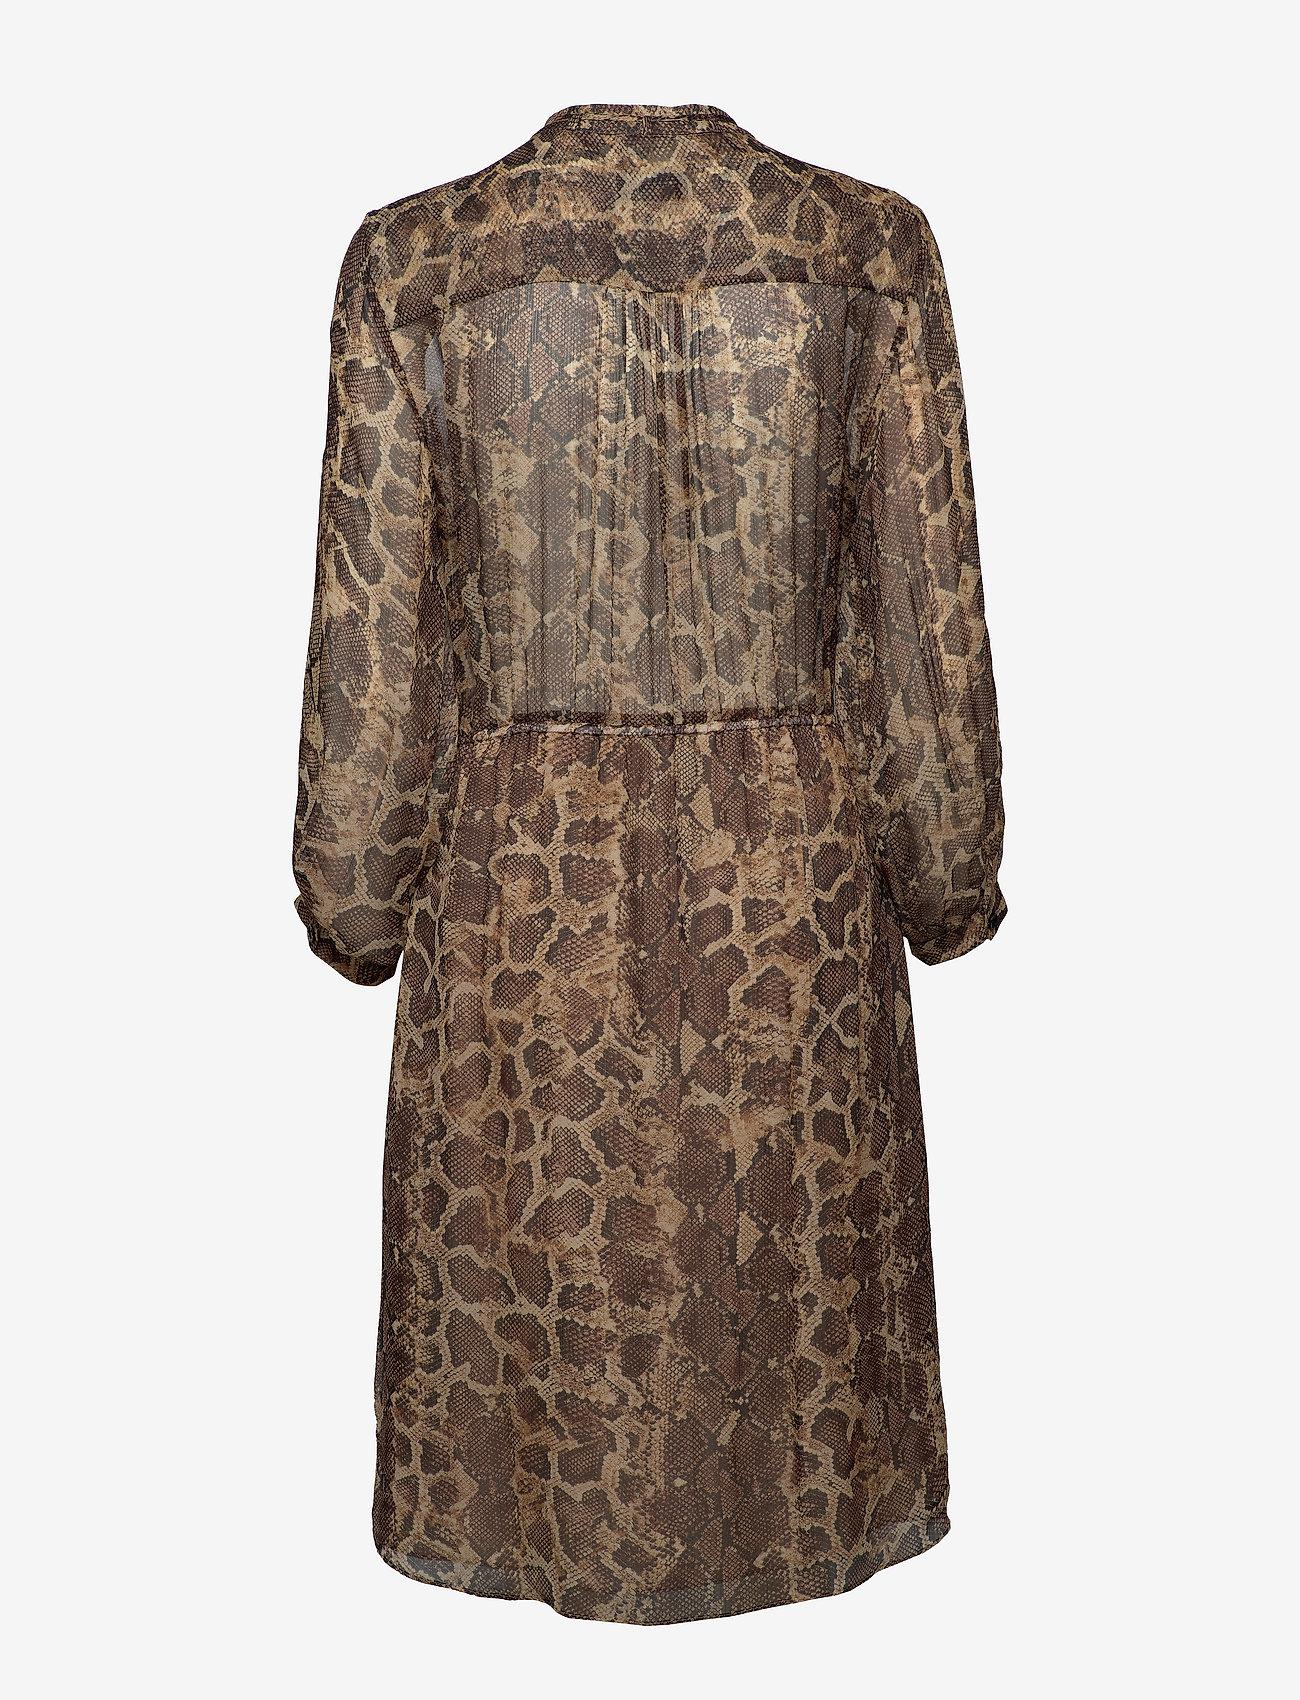 SAND - 3400 - Arlet - robes chemises - pattern - 1